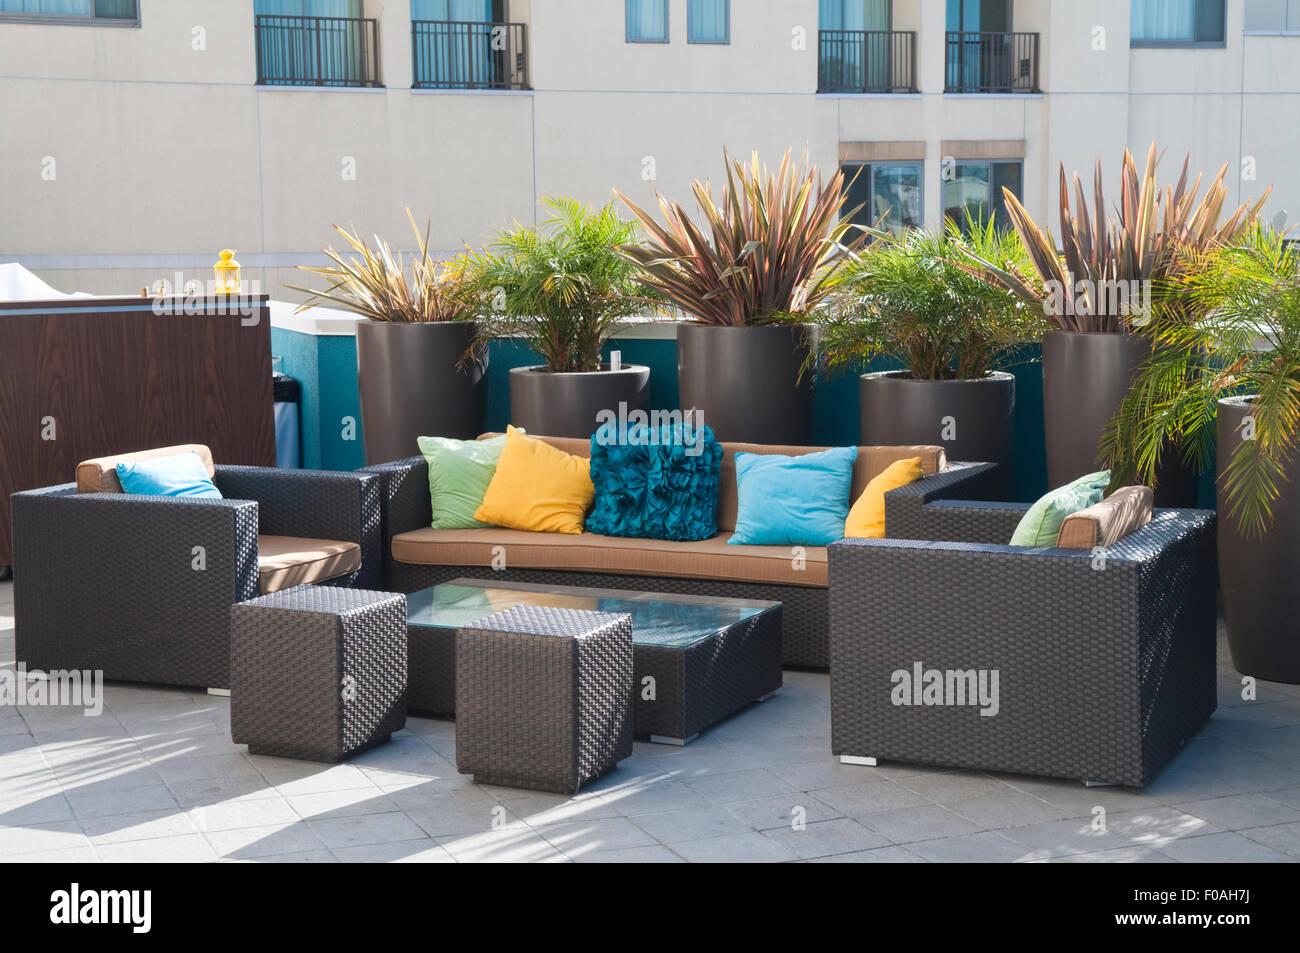 Vasi Da Giardino Colorati elegante e moderno il rattan mobili da giardino in marrone